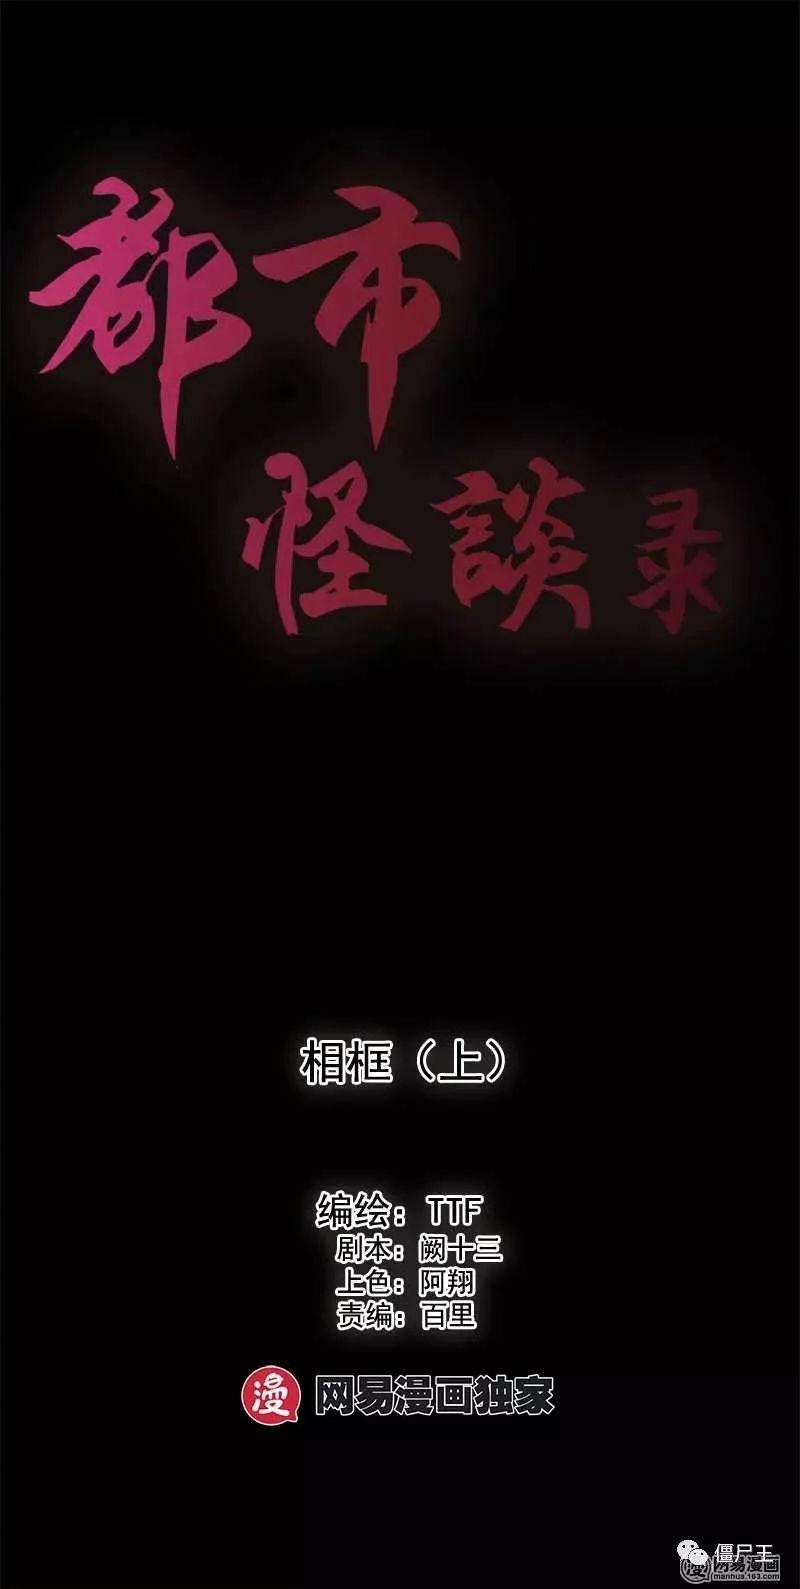 恐怖漫画:恐怖漫画 | 诡异的相框-僵尸王